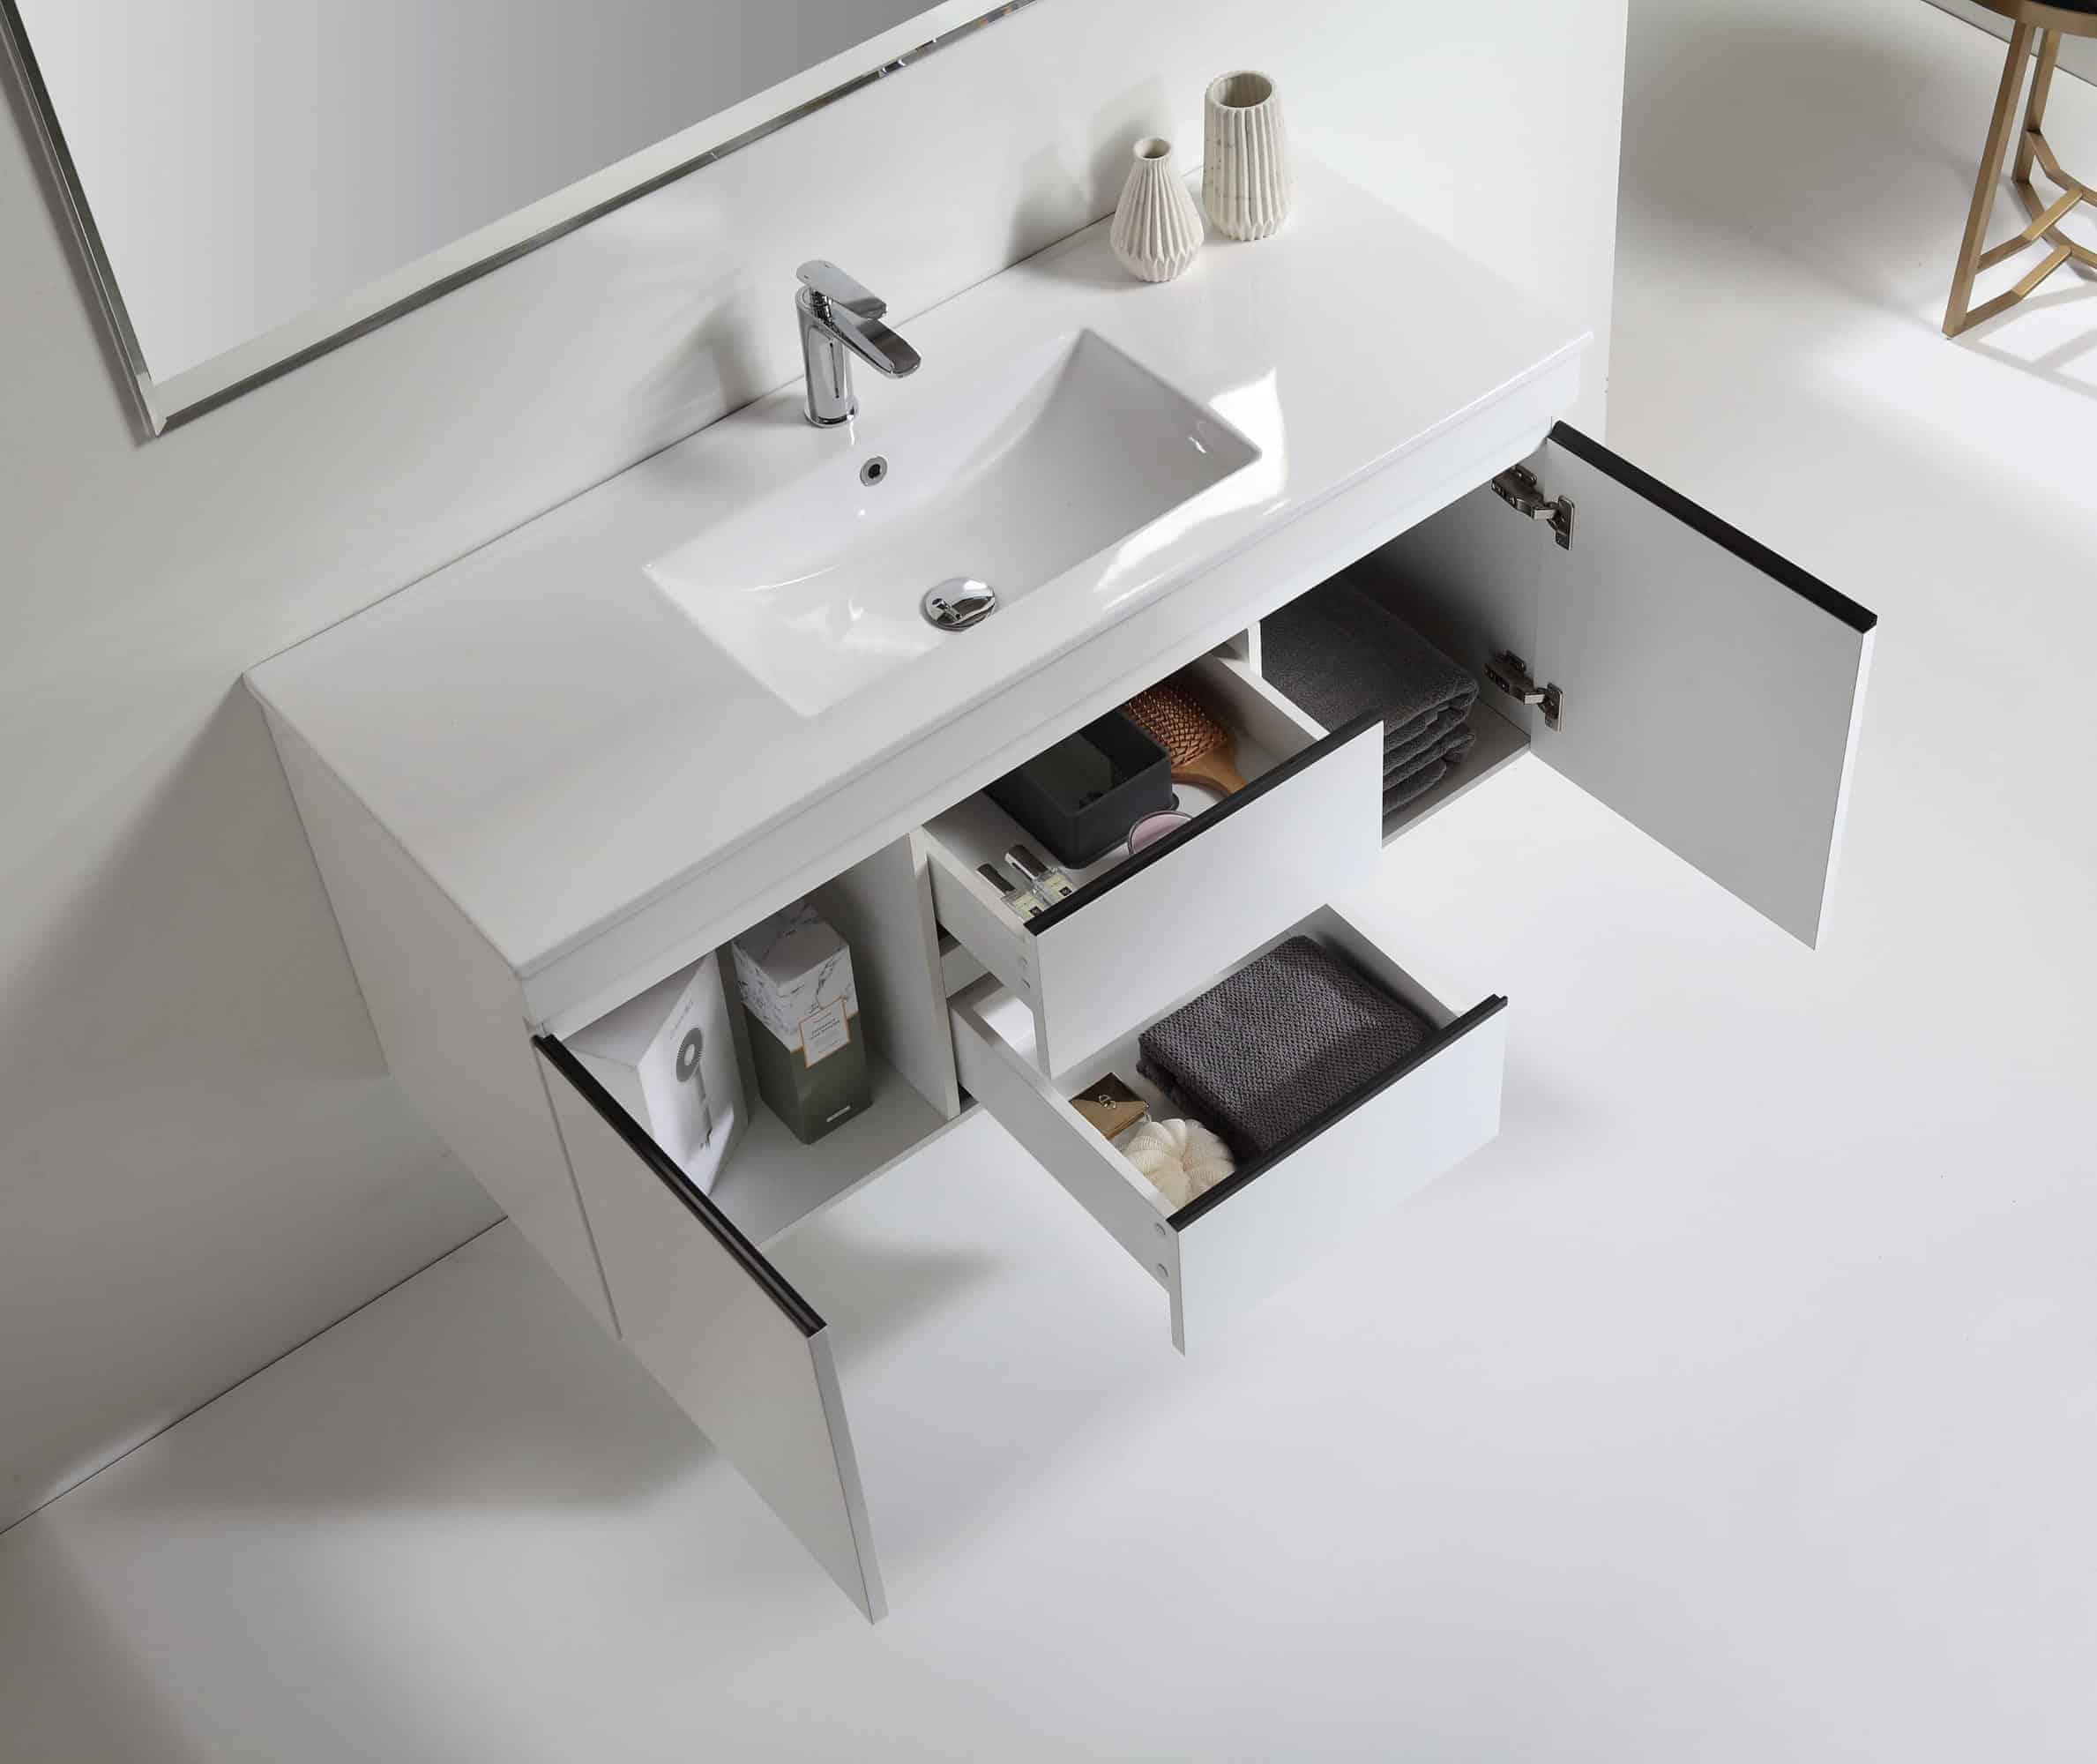 ארון אמבטיה דגם עמית 120 ס